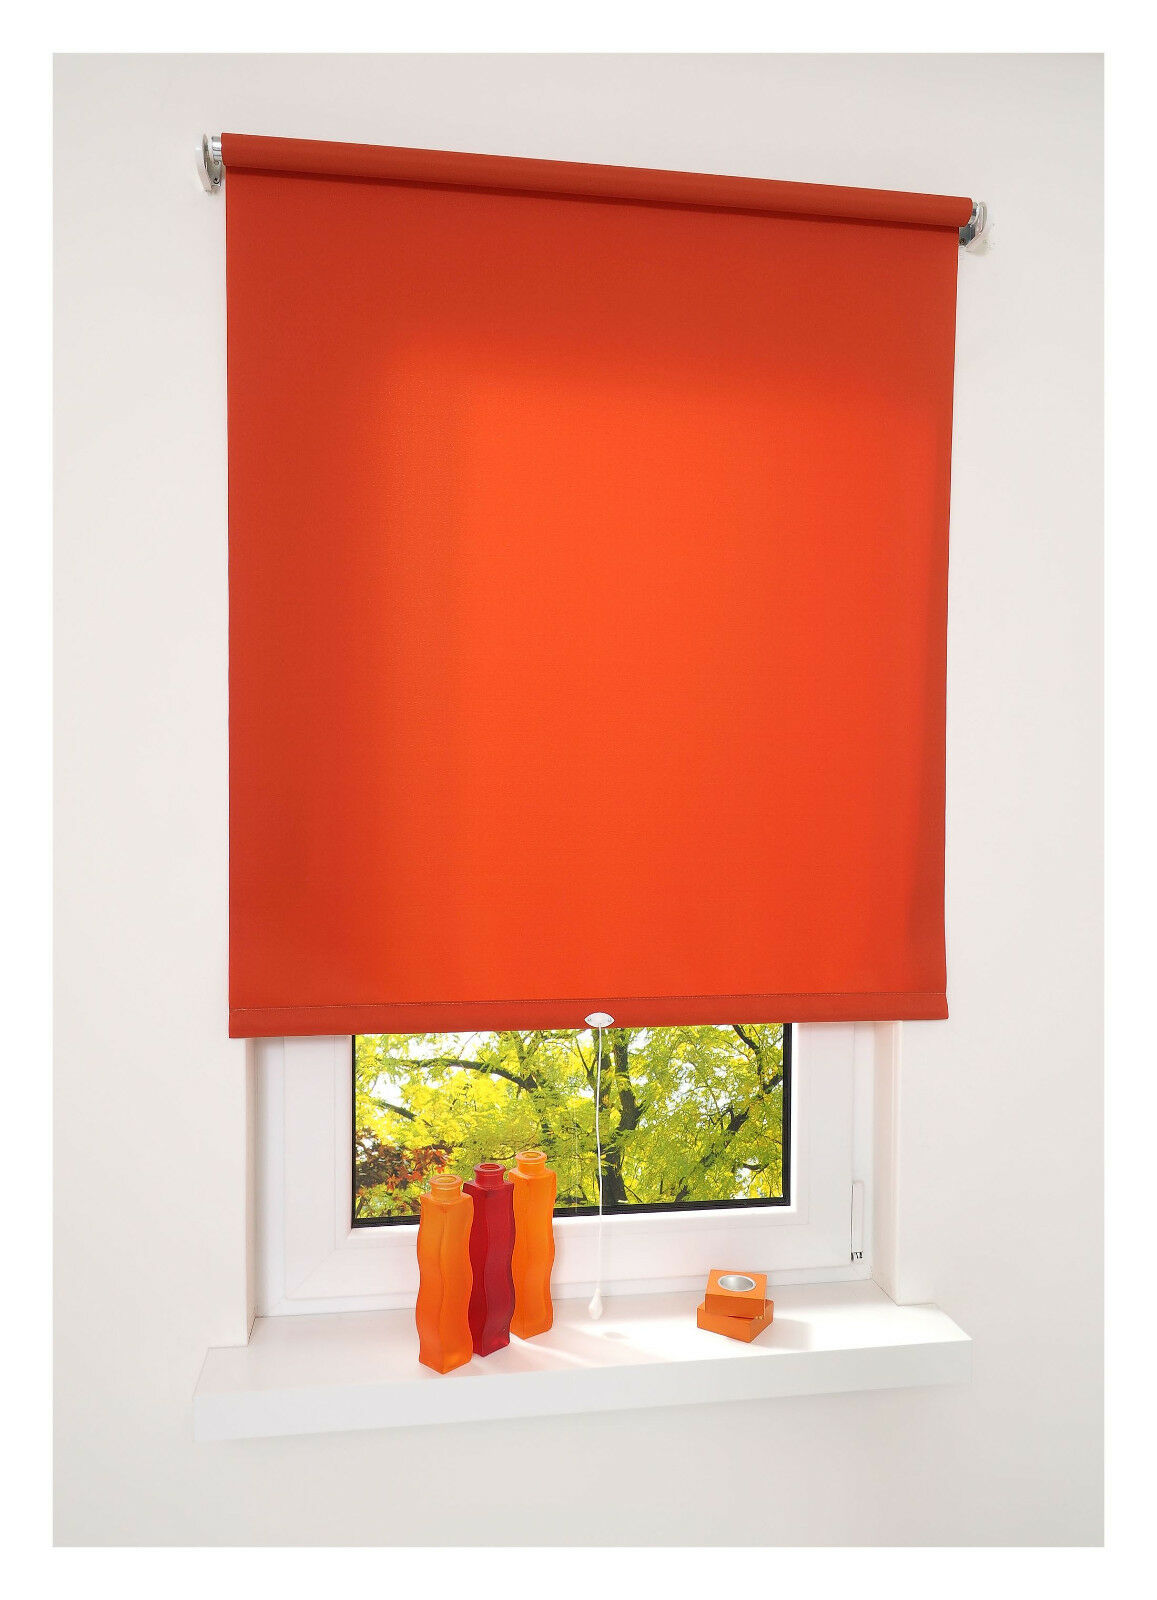 Springrollo Springrollo Springrollo Terracotta Mittelzugrollo Tür Fensterrollo Sichtschutz Dekoration TL | Passend In Der Farbe  024d81